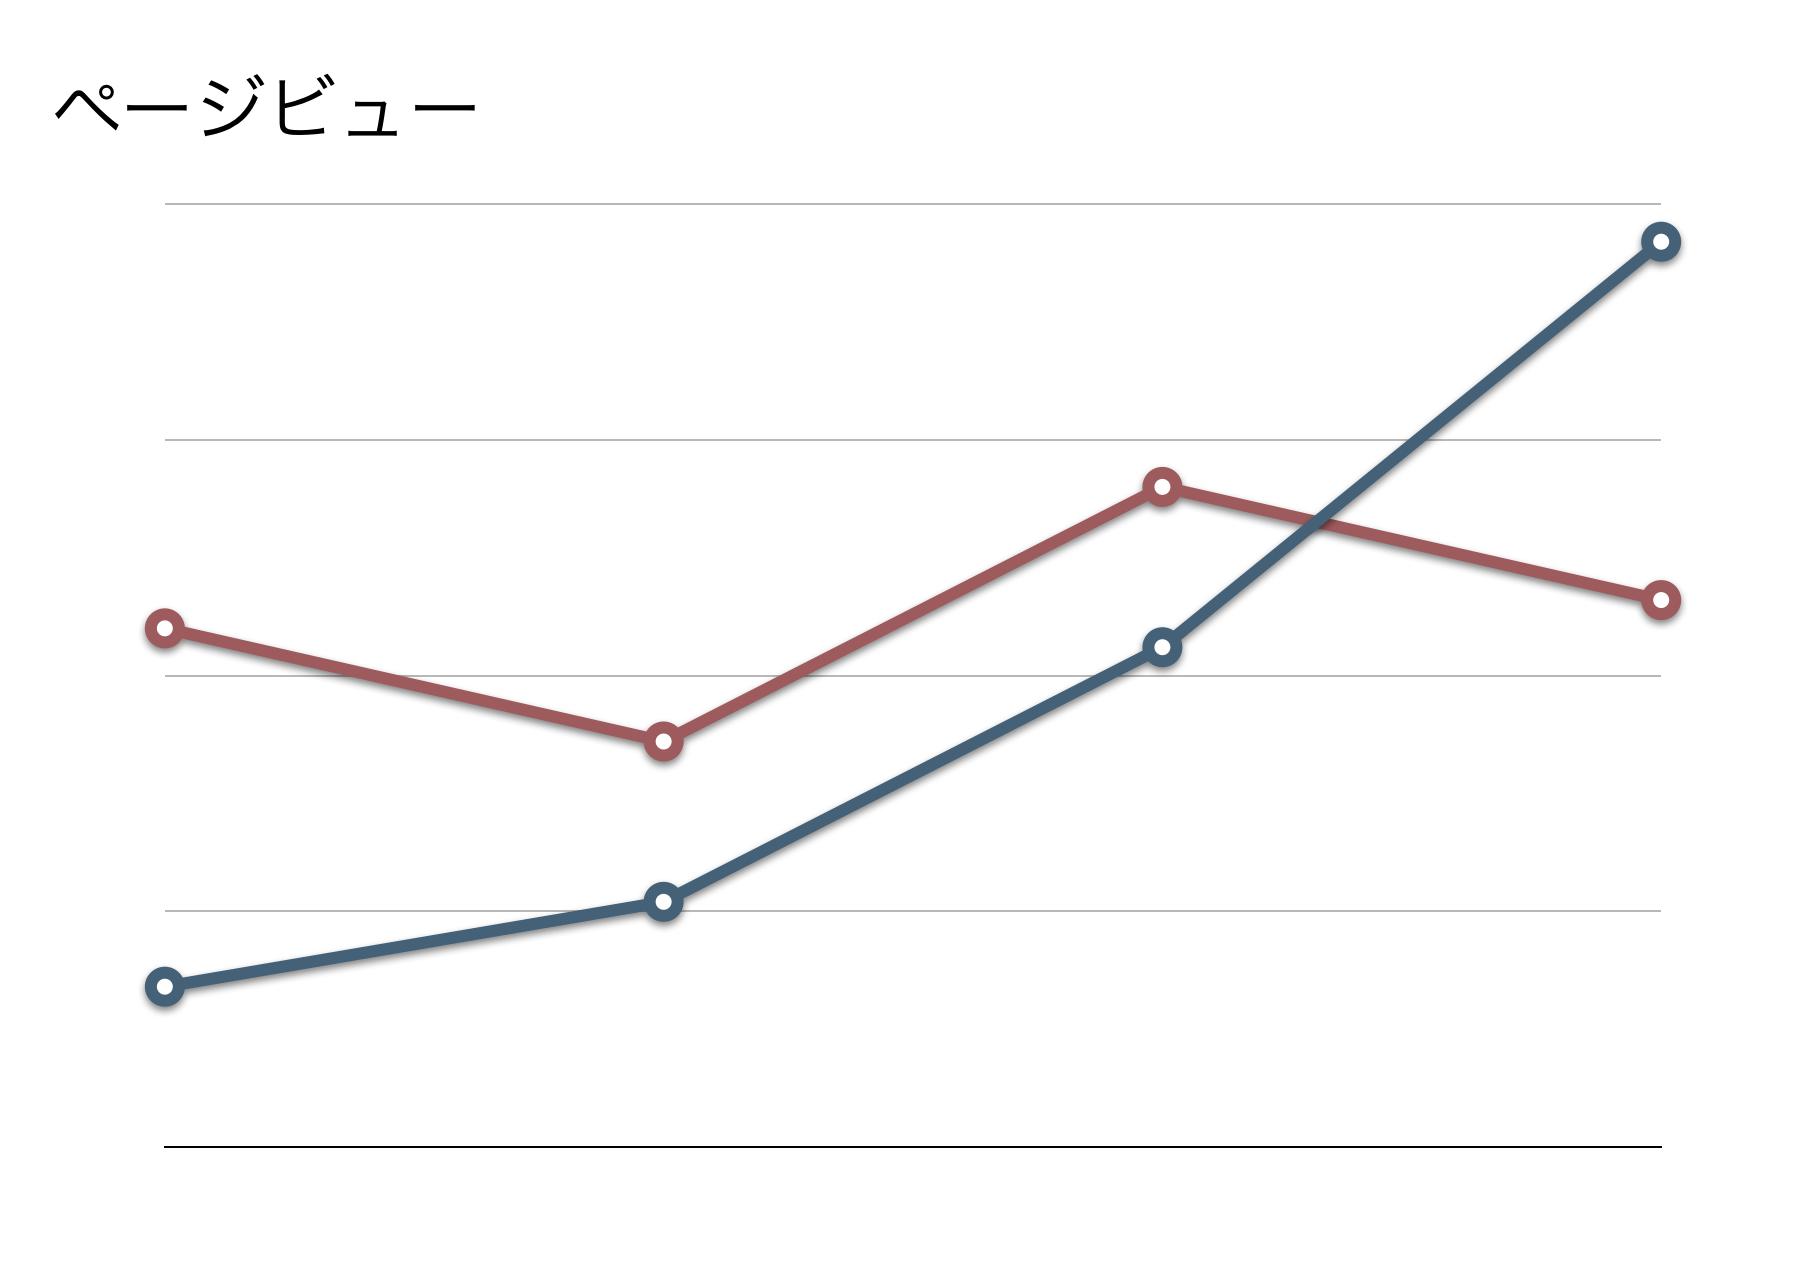 ブログ継続に数値化は必須!WordPressにGoogle Analyticsを入れる方法&見ている数値